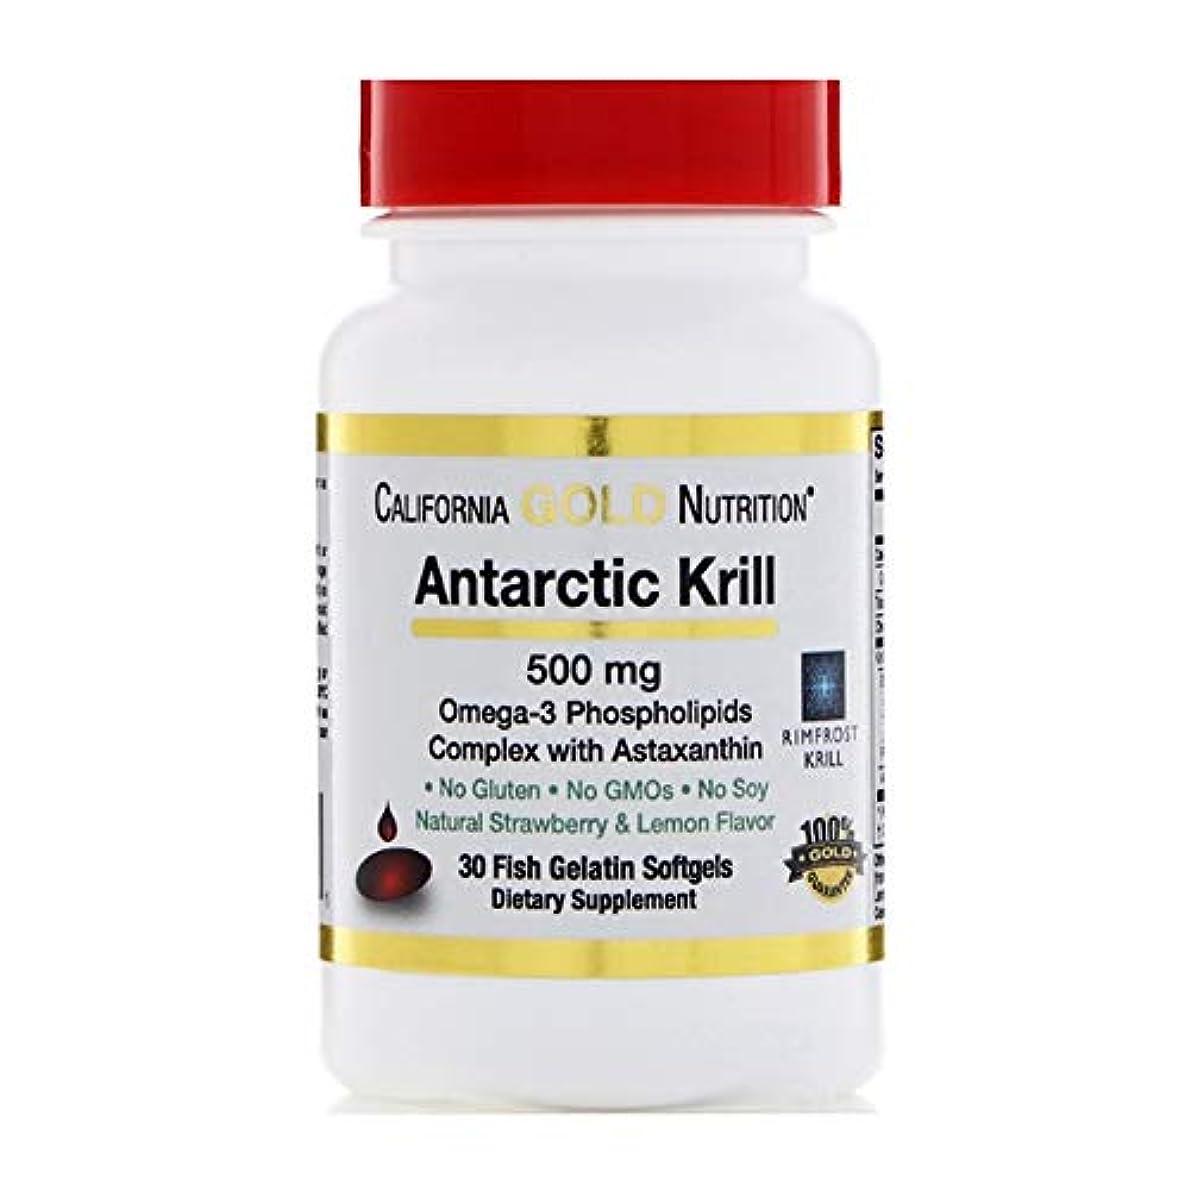 California Gold Nutrition Antarctic Krill Oil アスタキサンチン配合 RIMFROST 天然イチゴ レモン味 500 mg フィッシュゼラチンソフトジェル 120粒 【アメリカ直送】